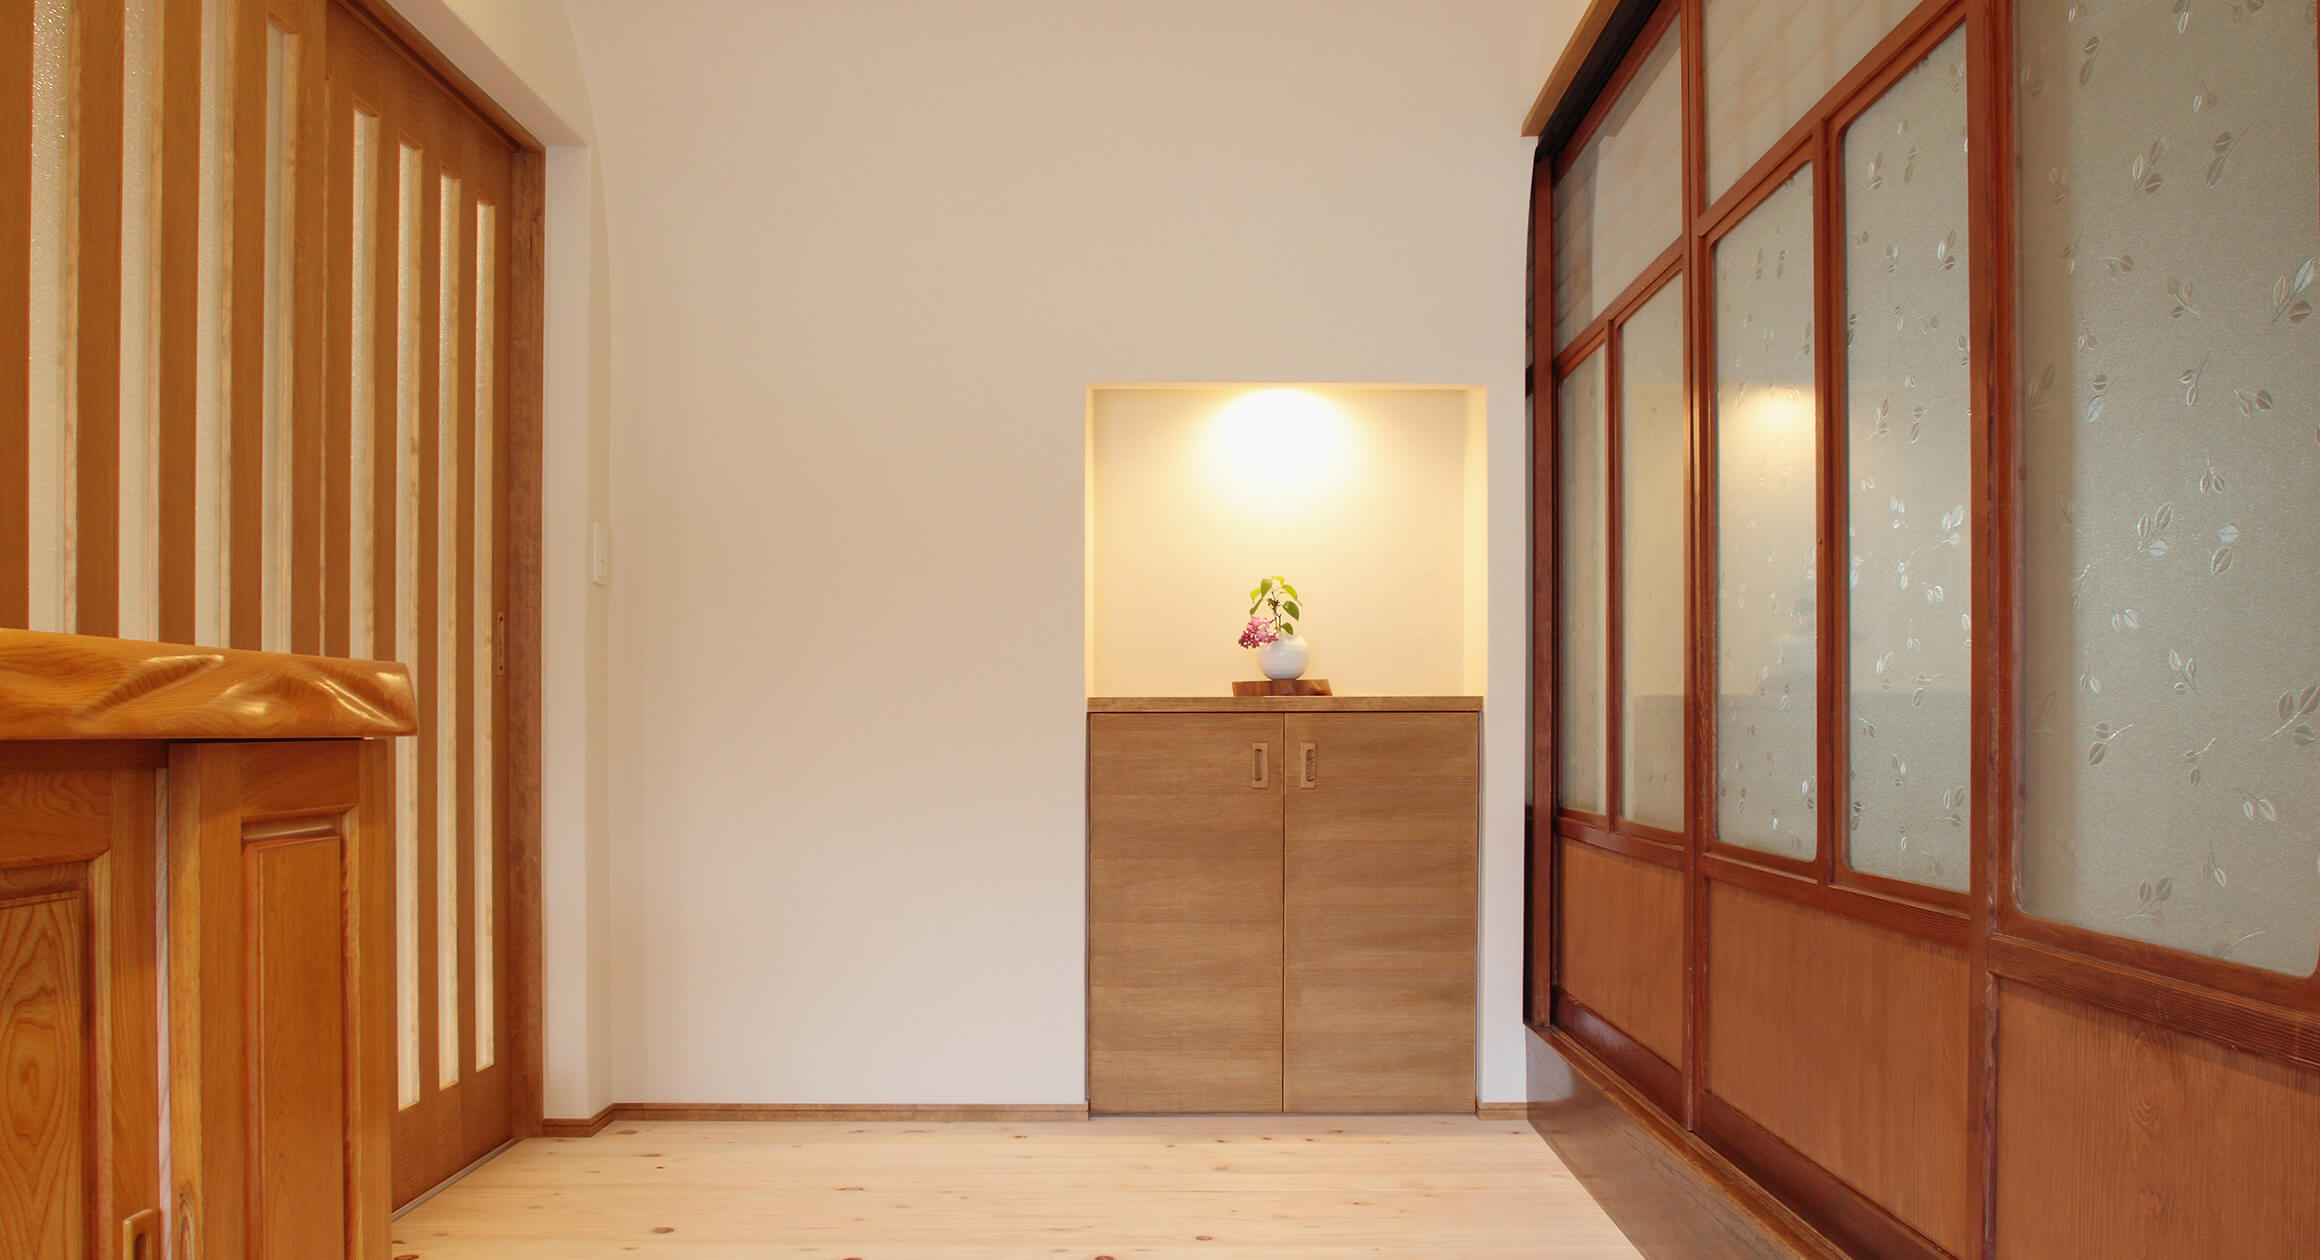 三友工務店のリフォーム・リノベーション事例 山鹿市K様邸